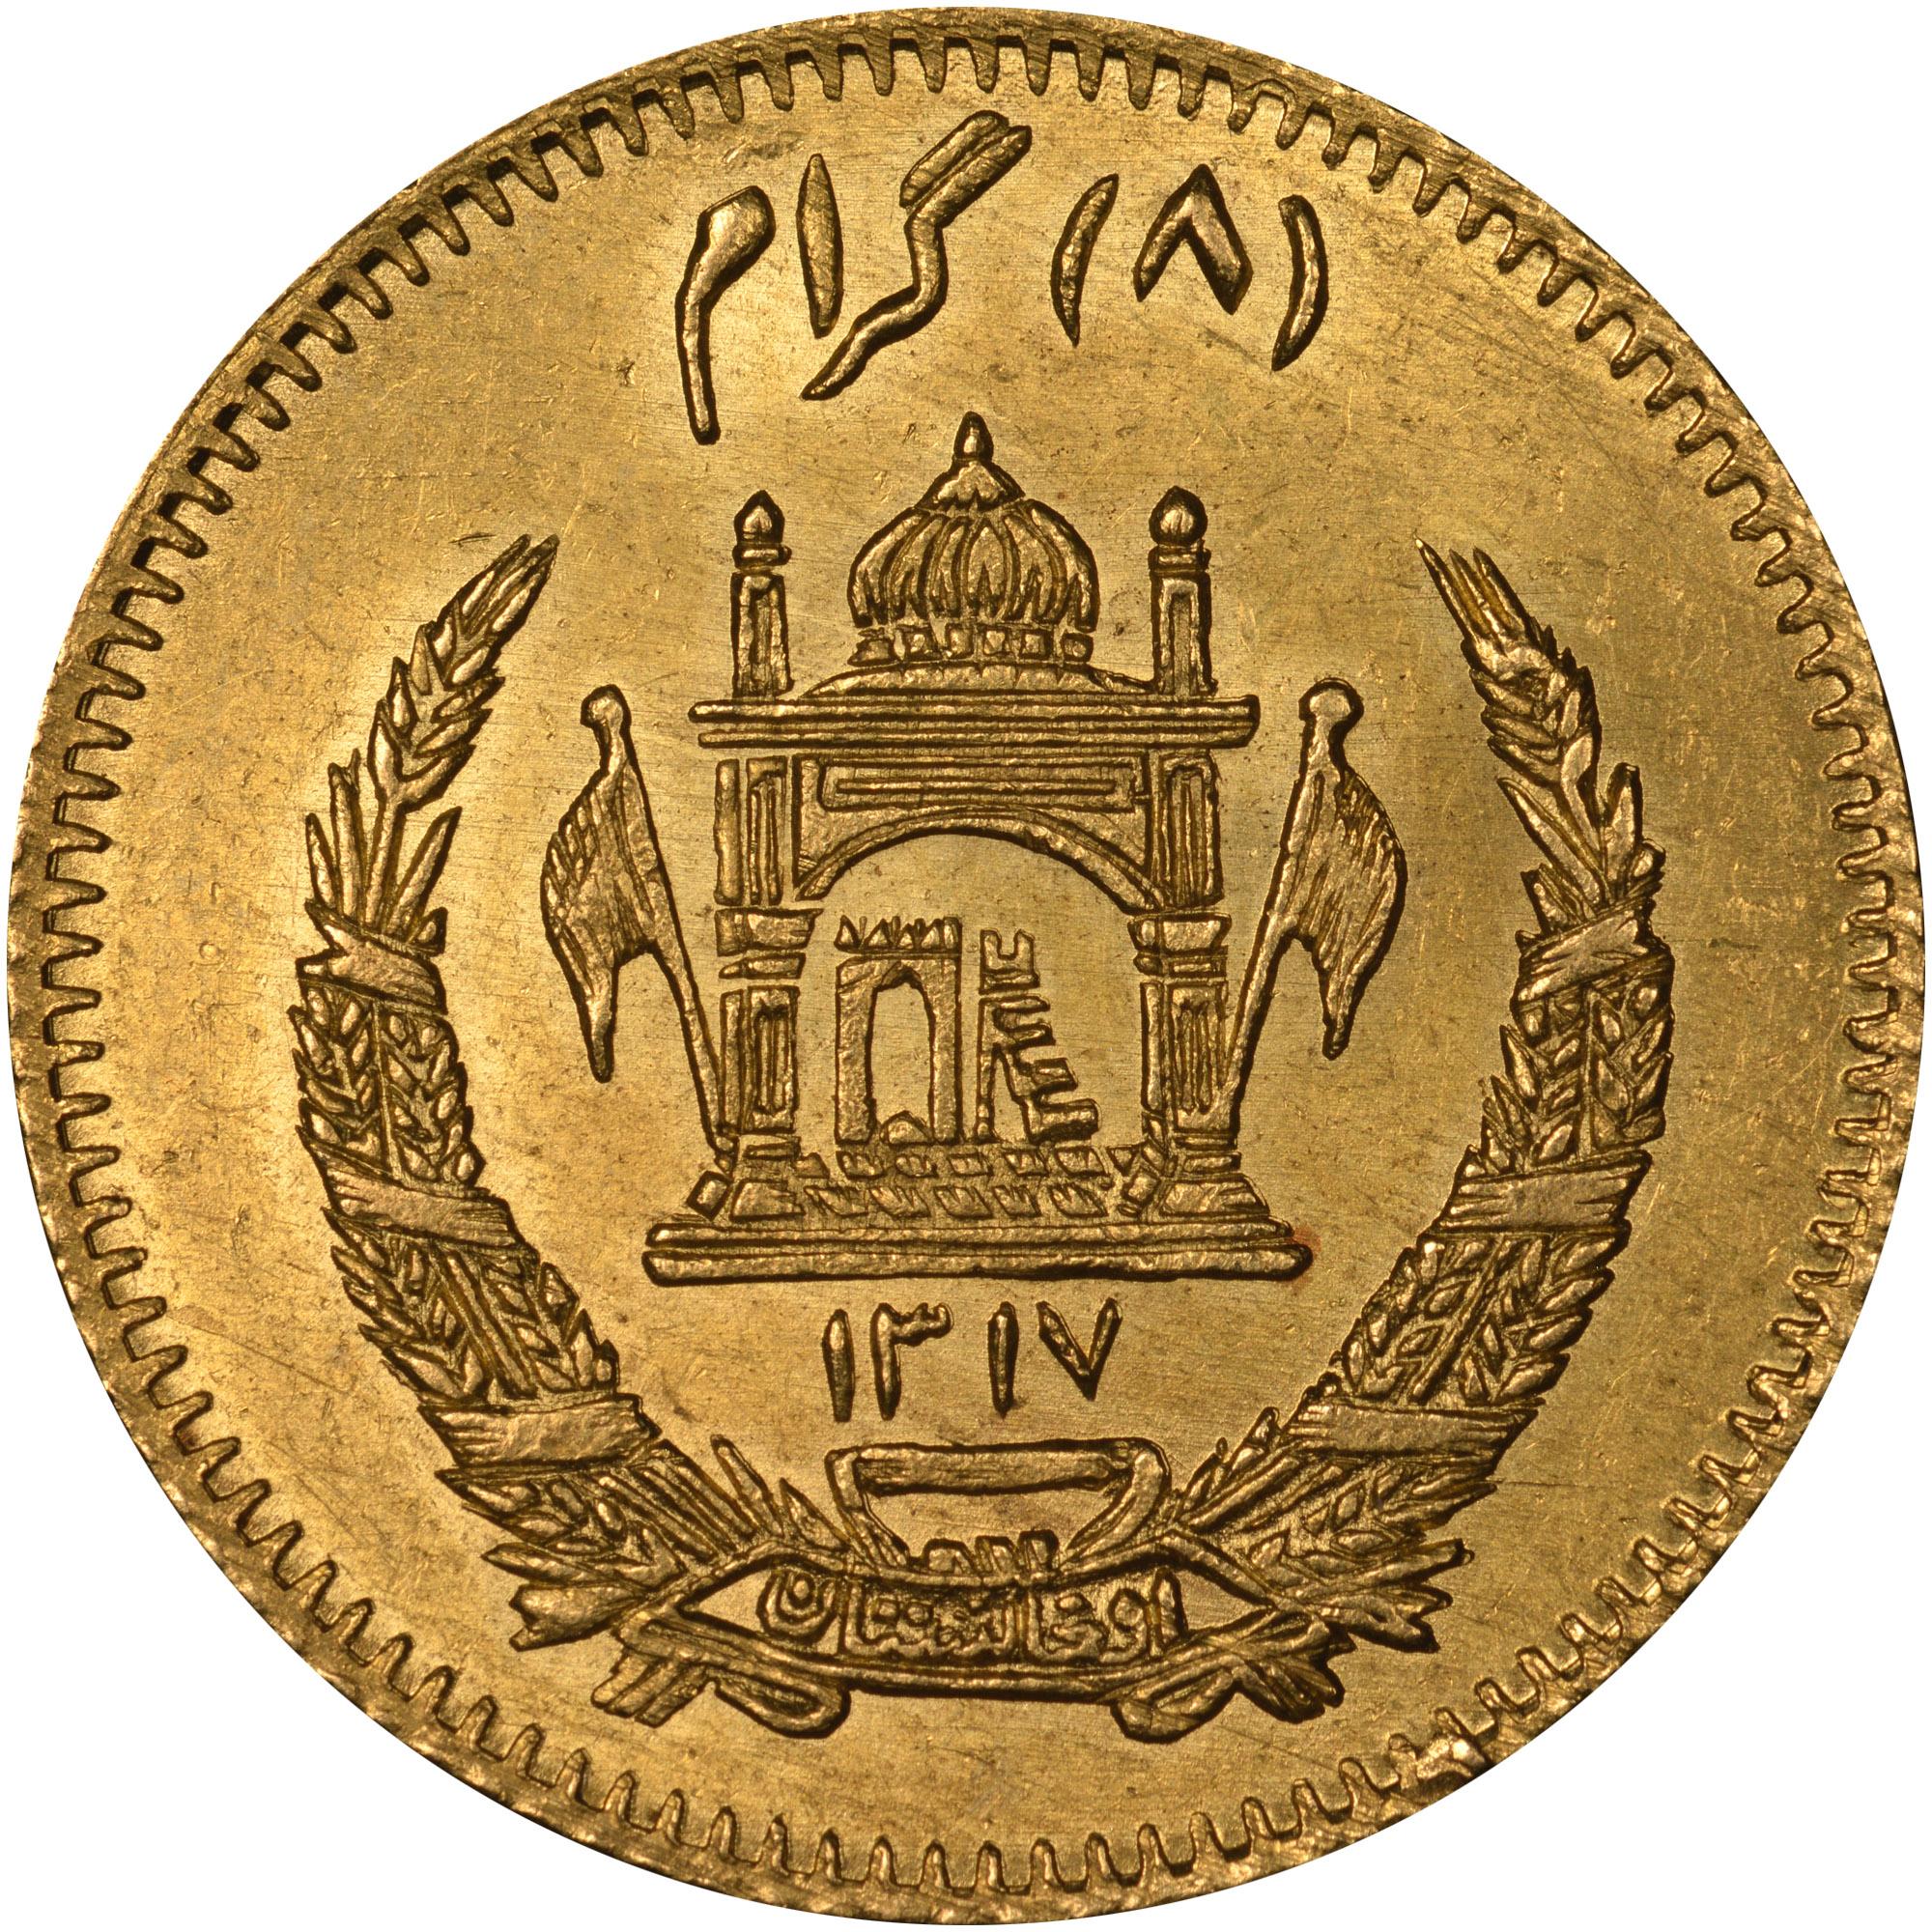 1314 (1935)-1317 (1938) Afghanistan 8 Grams reverse